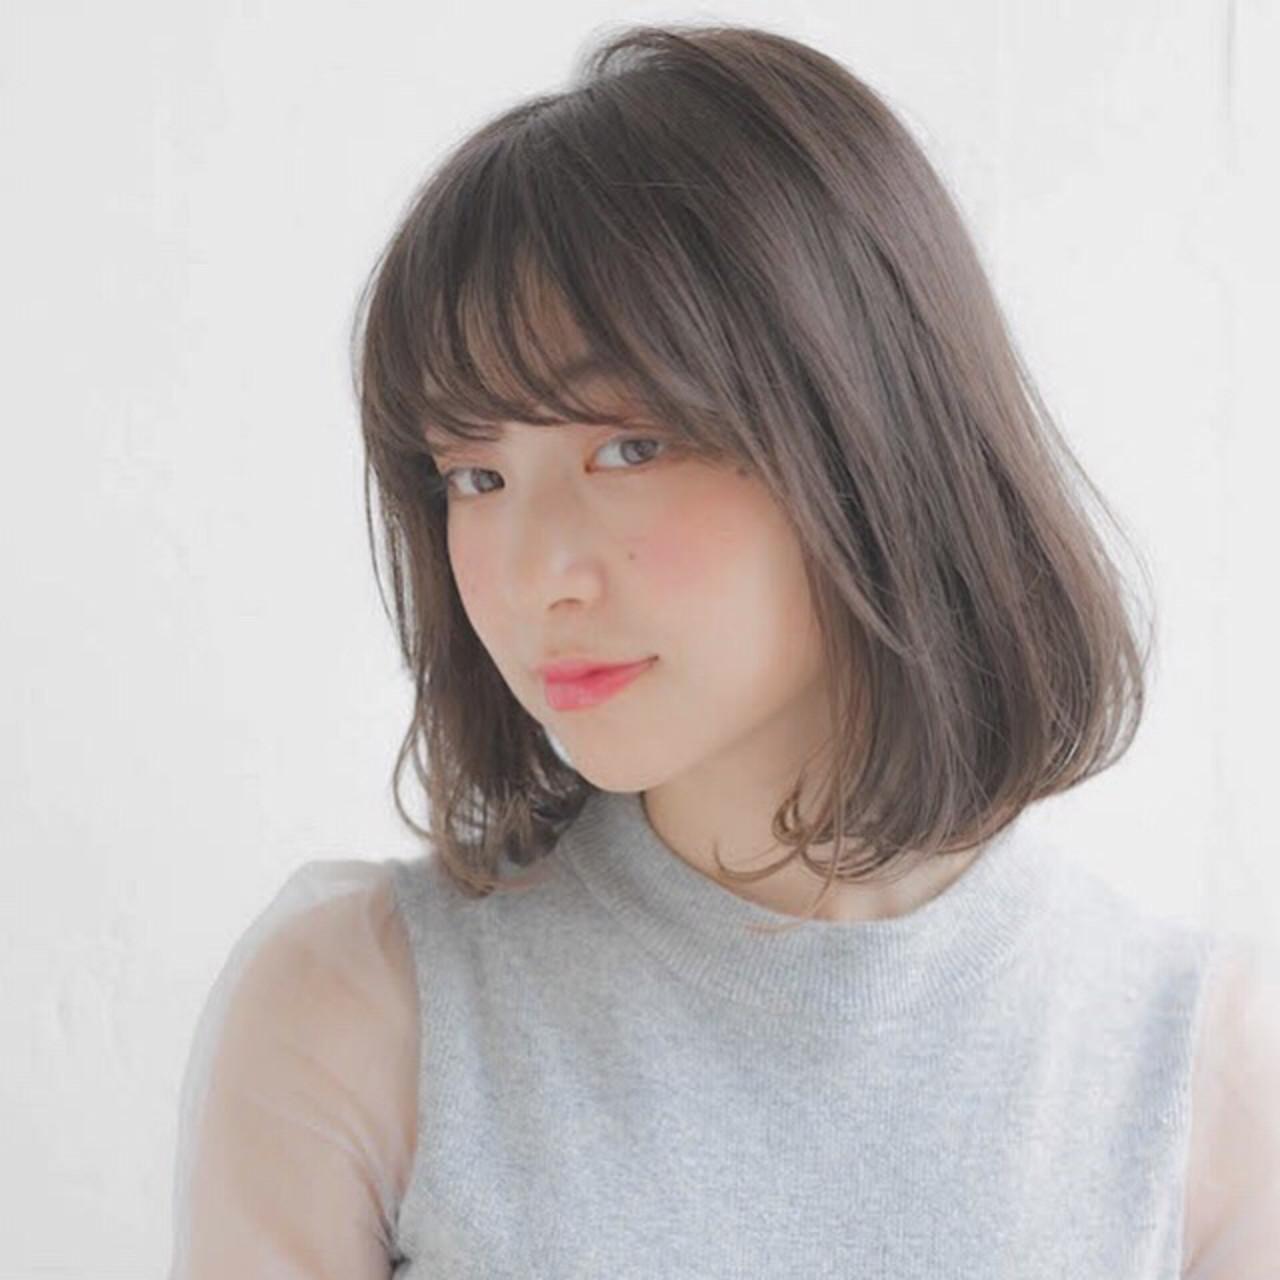 アッシュグレージュでふわっと透明感たっぷりに 竹澤 優/relian銀座Top stylist